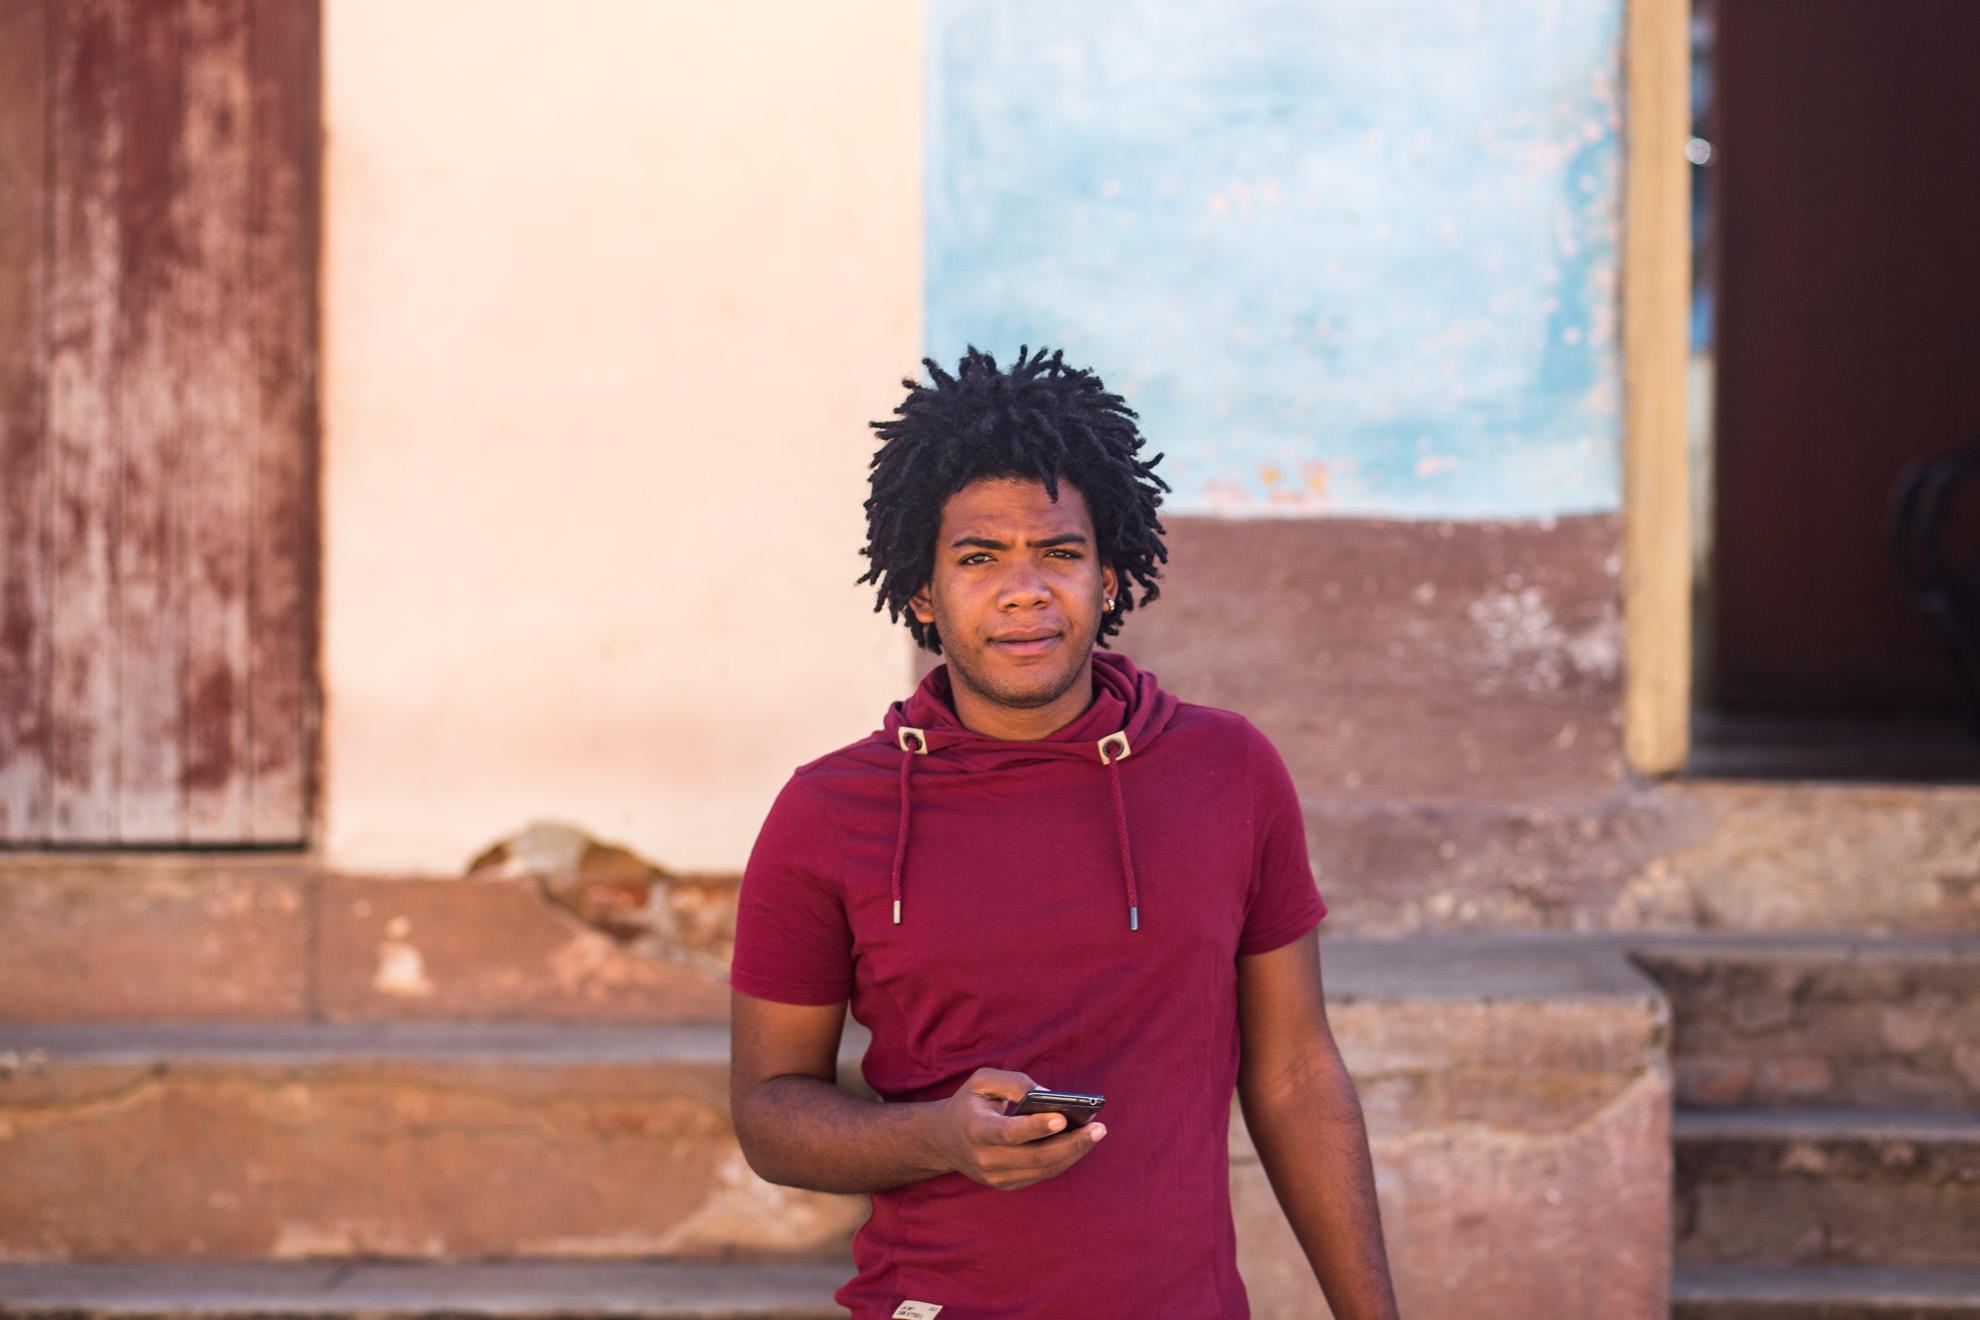 O Saillard Photographe - Cuba-032.jpg